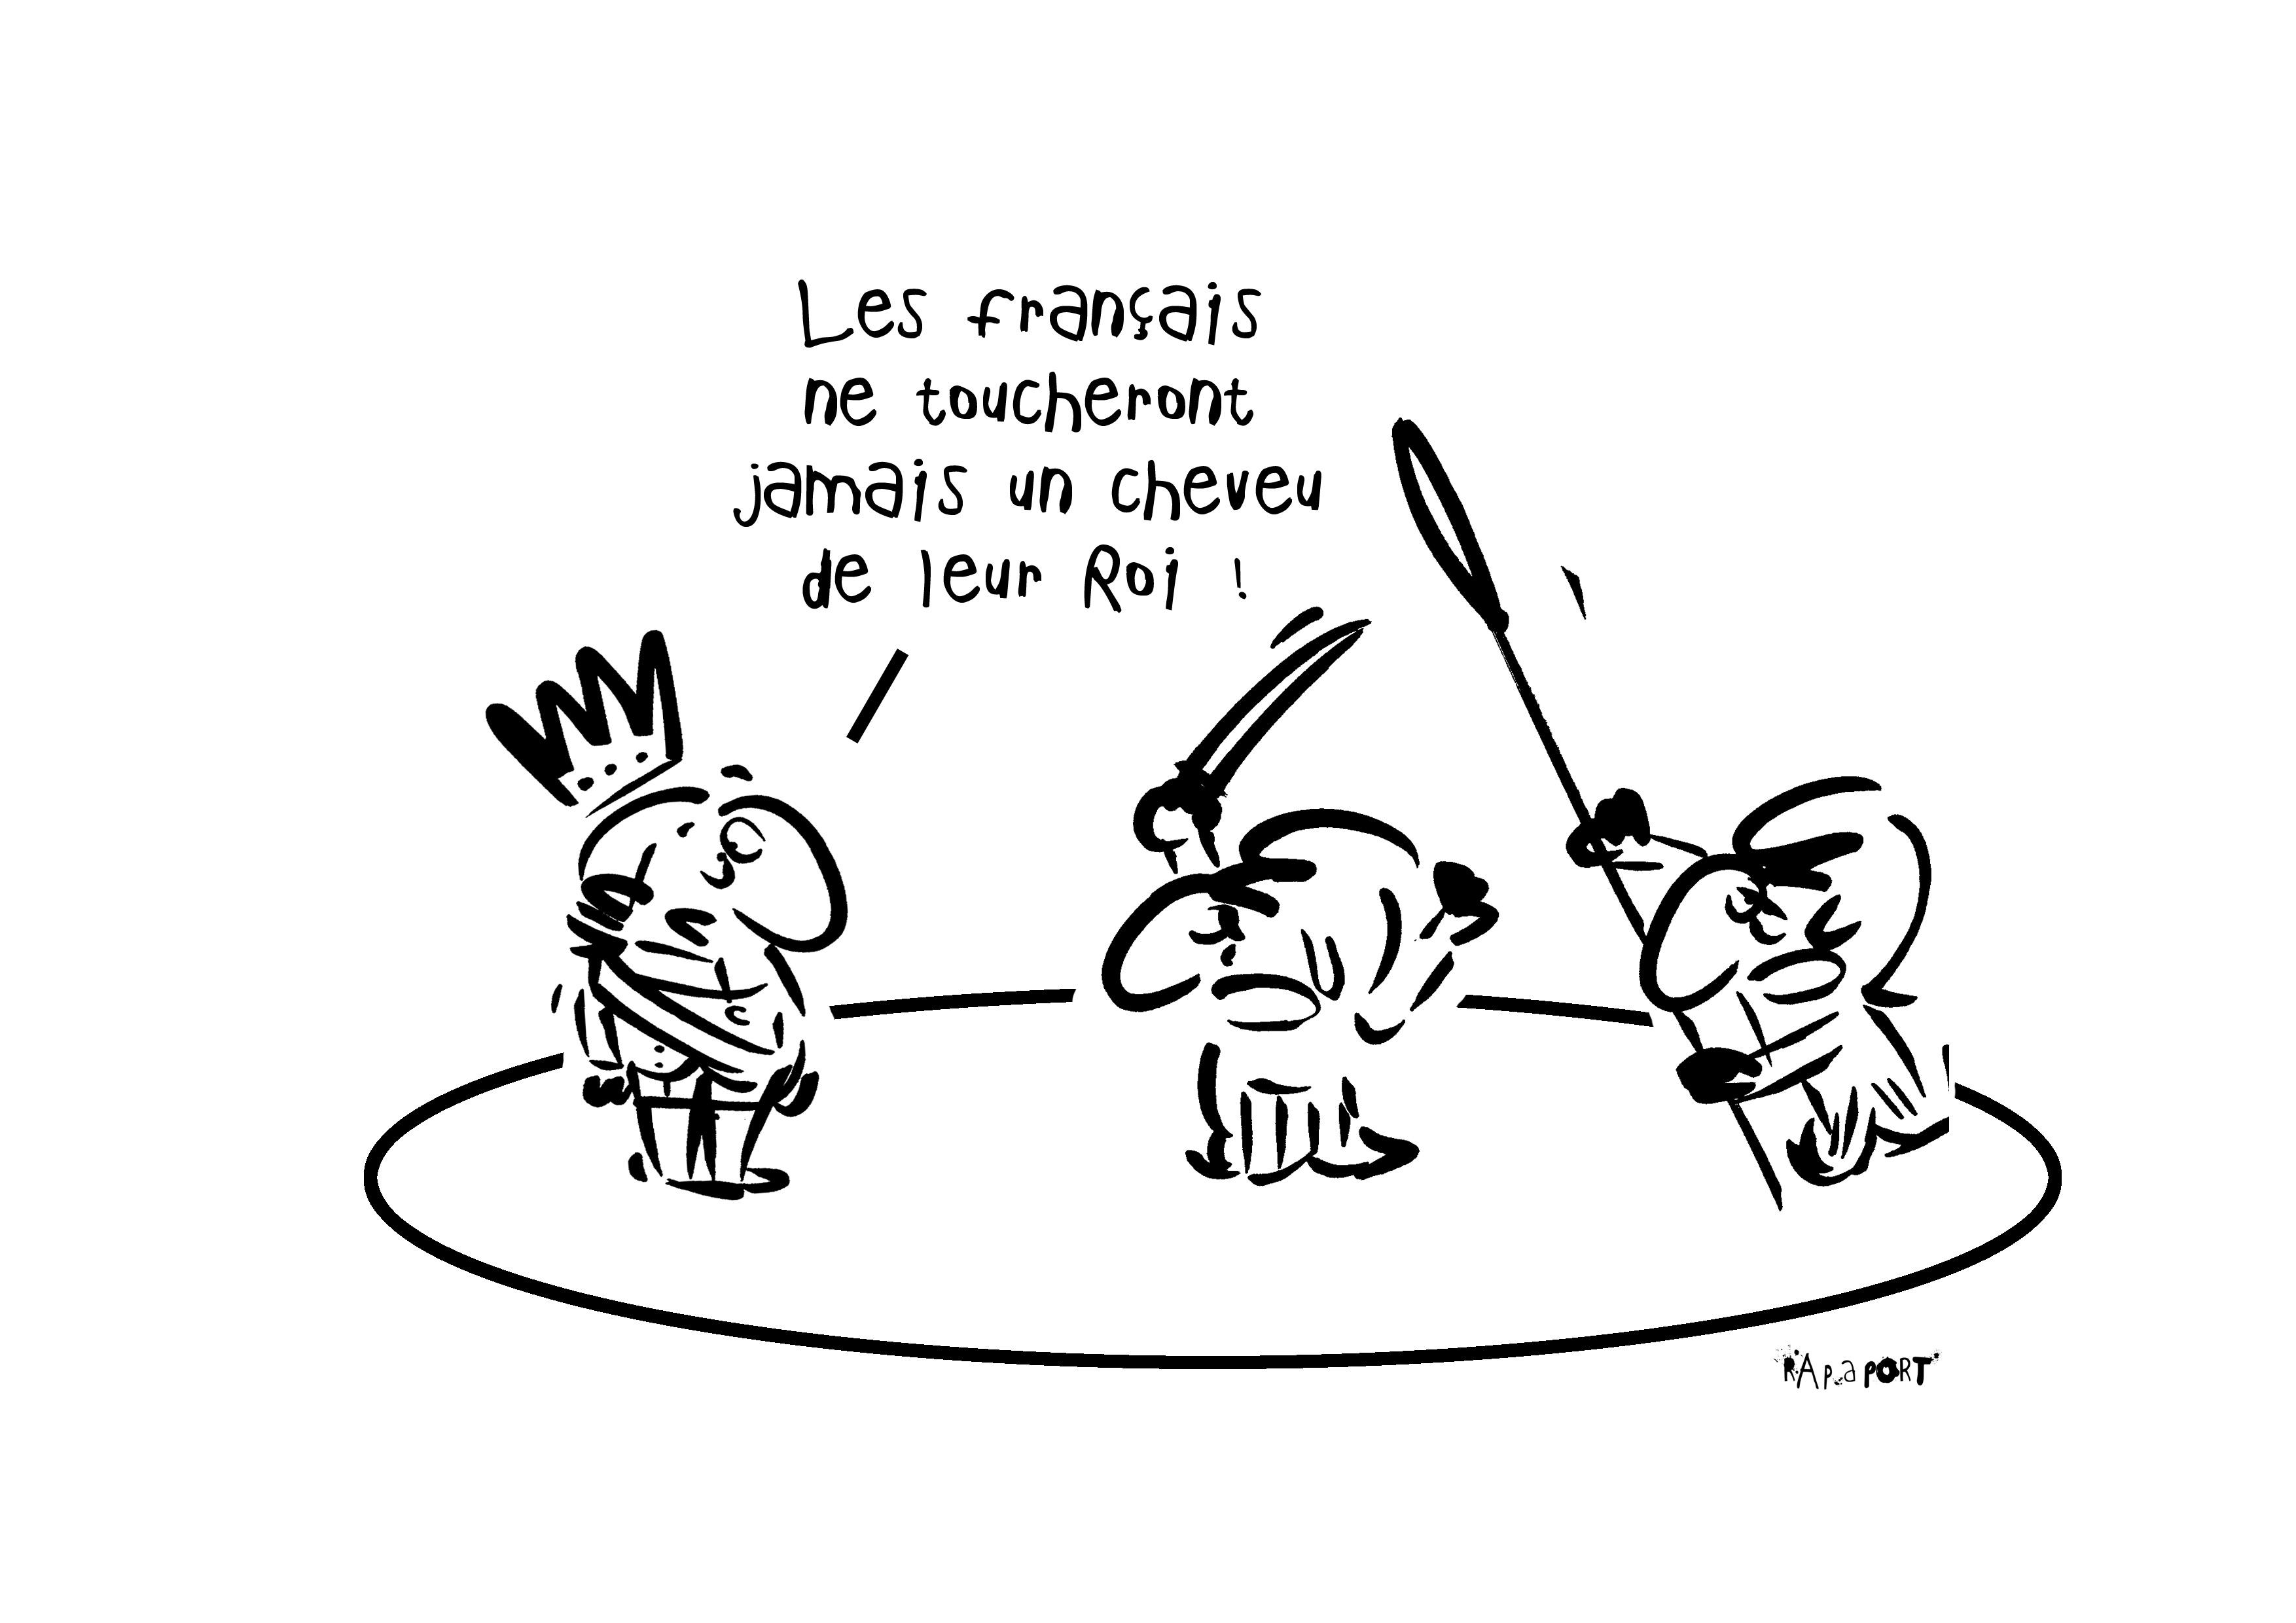 RAPAPORT:PRÉVENTION SÉCURITÉ77